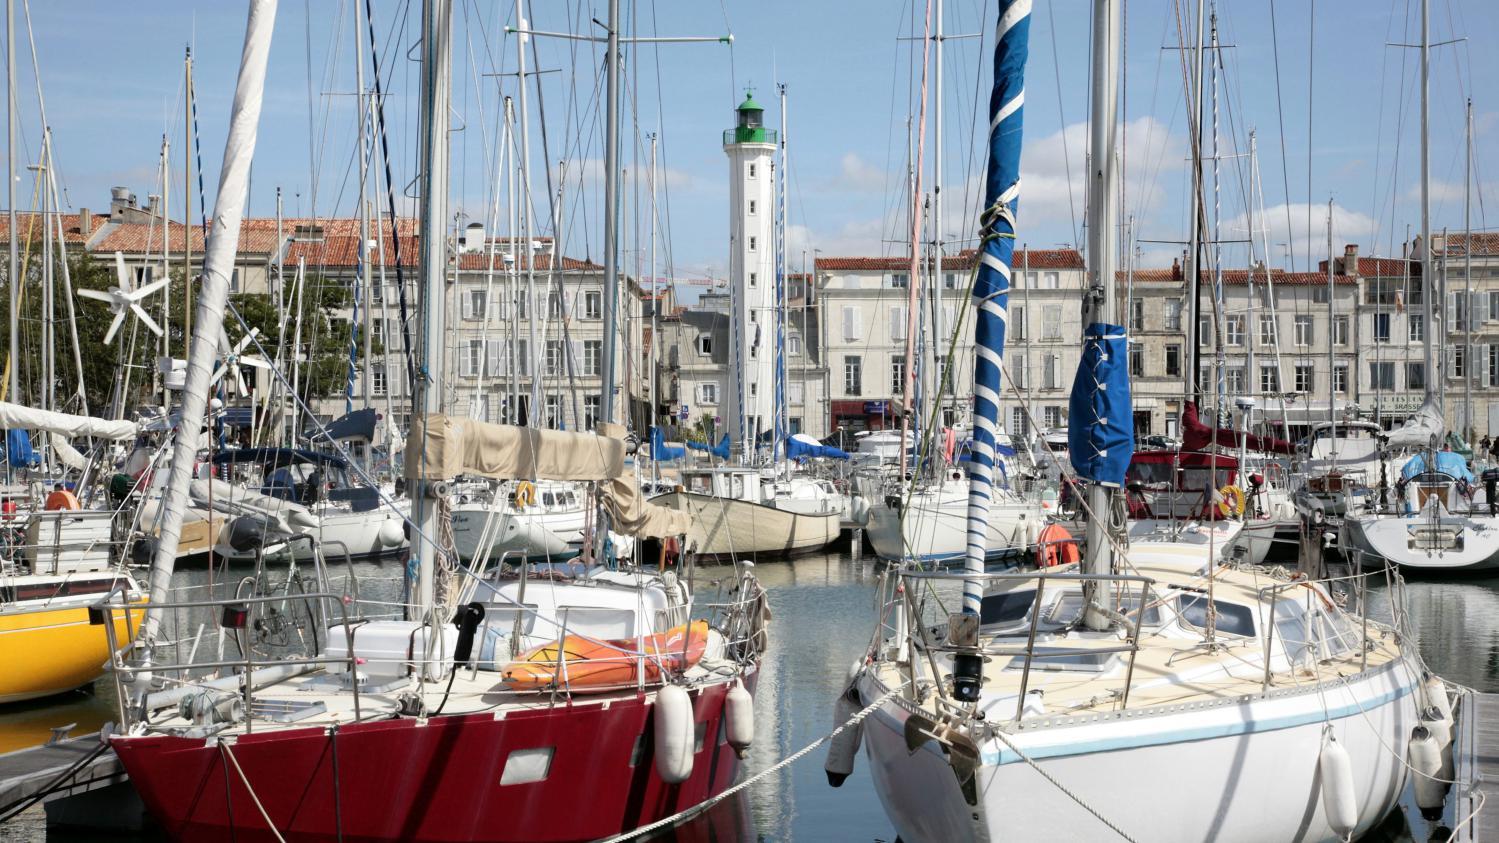 La rochelle l 39 office du tourisme d lest de euros - Office de tourisme la rochelle ...